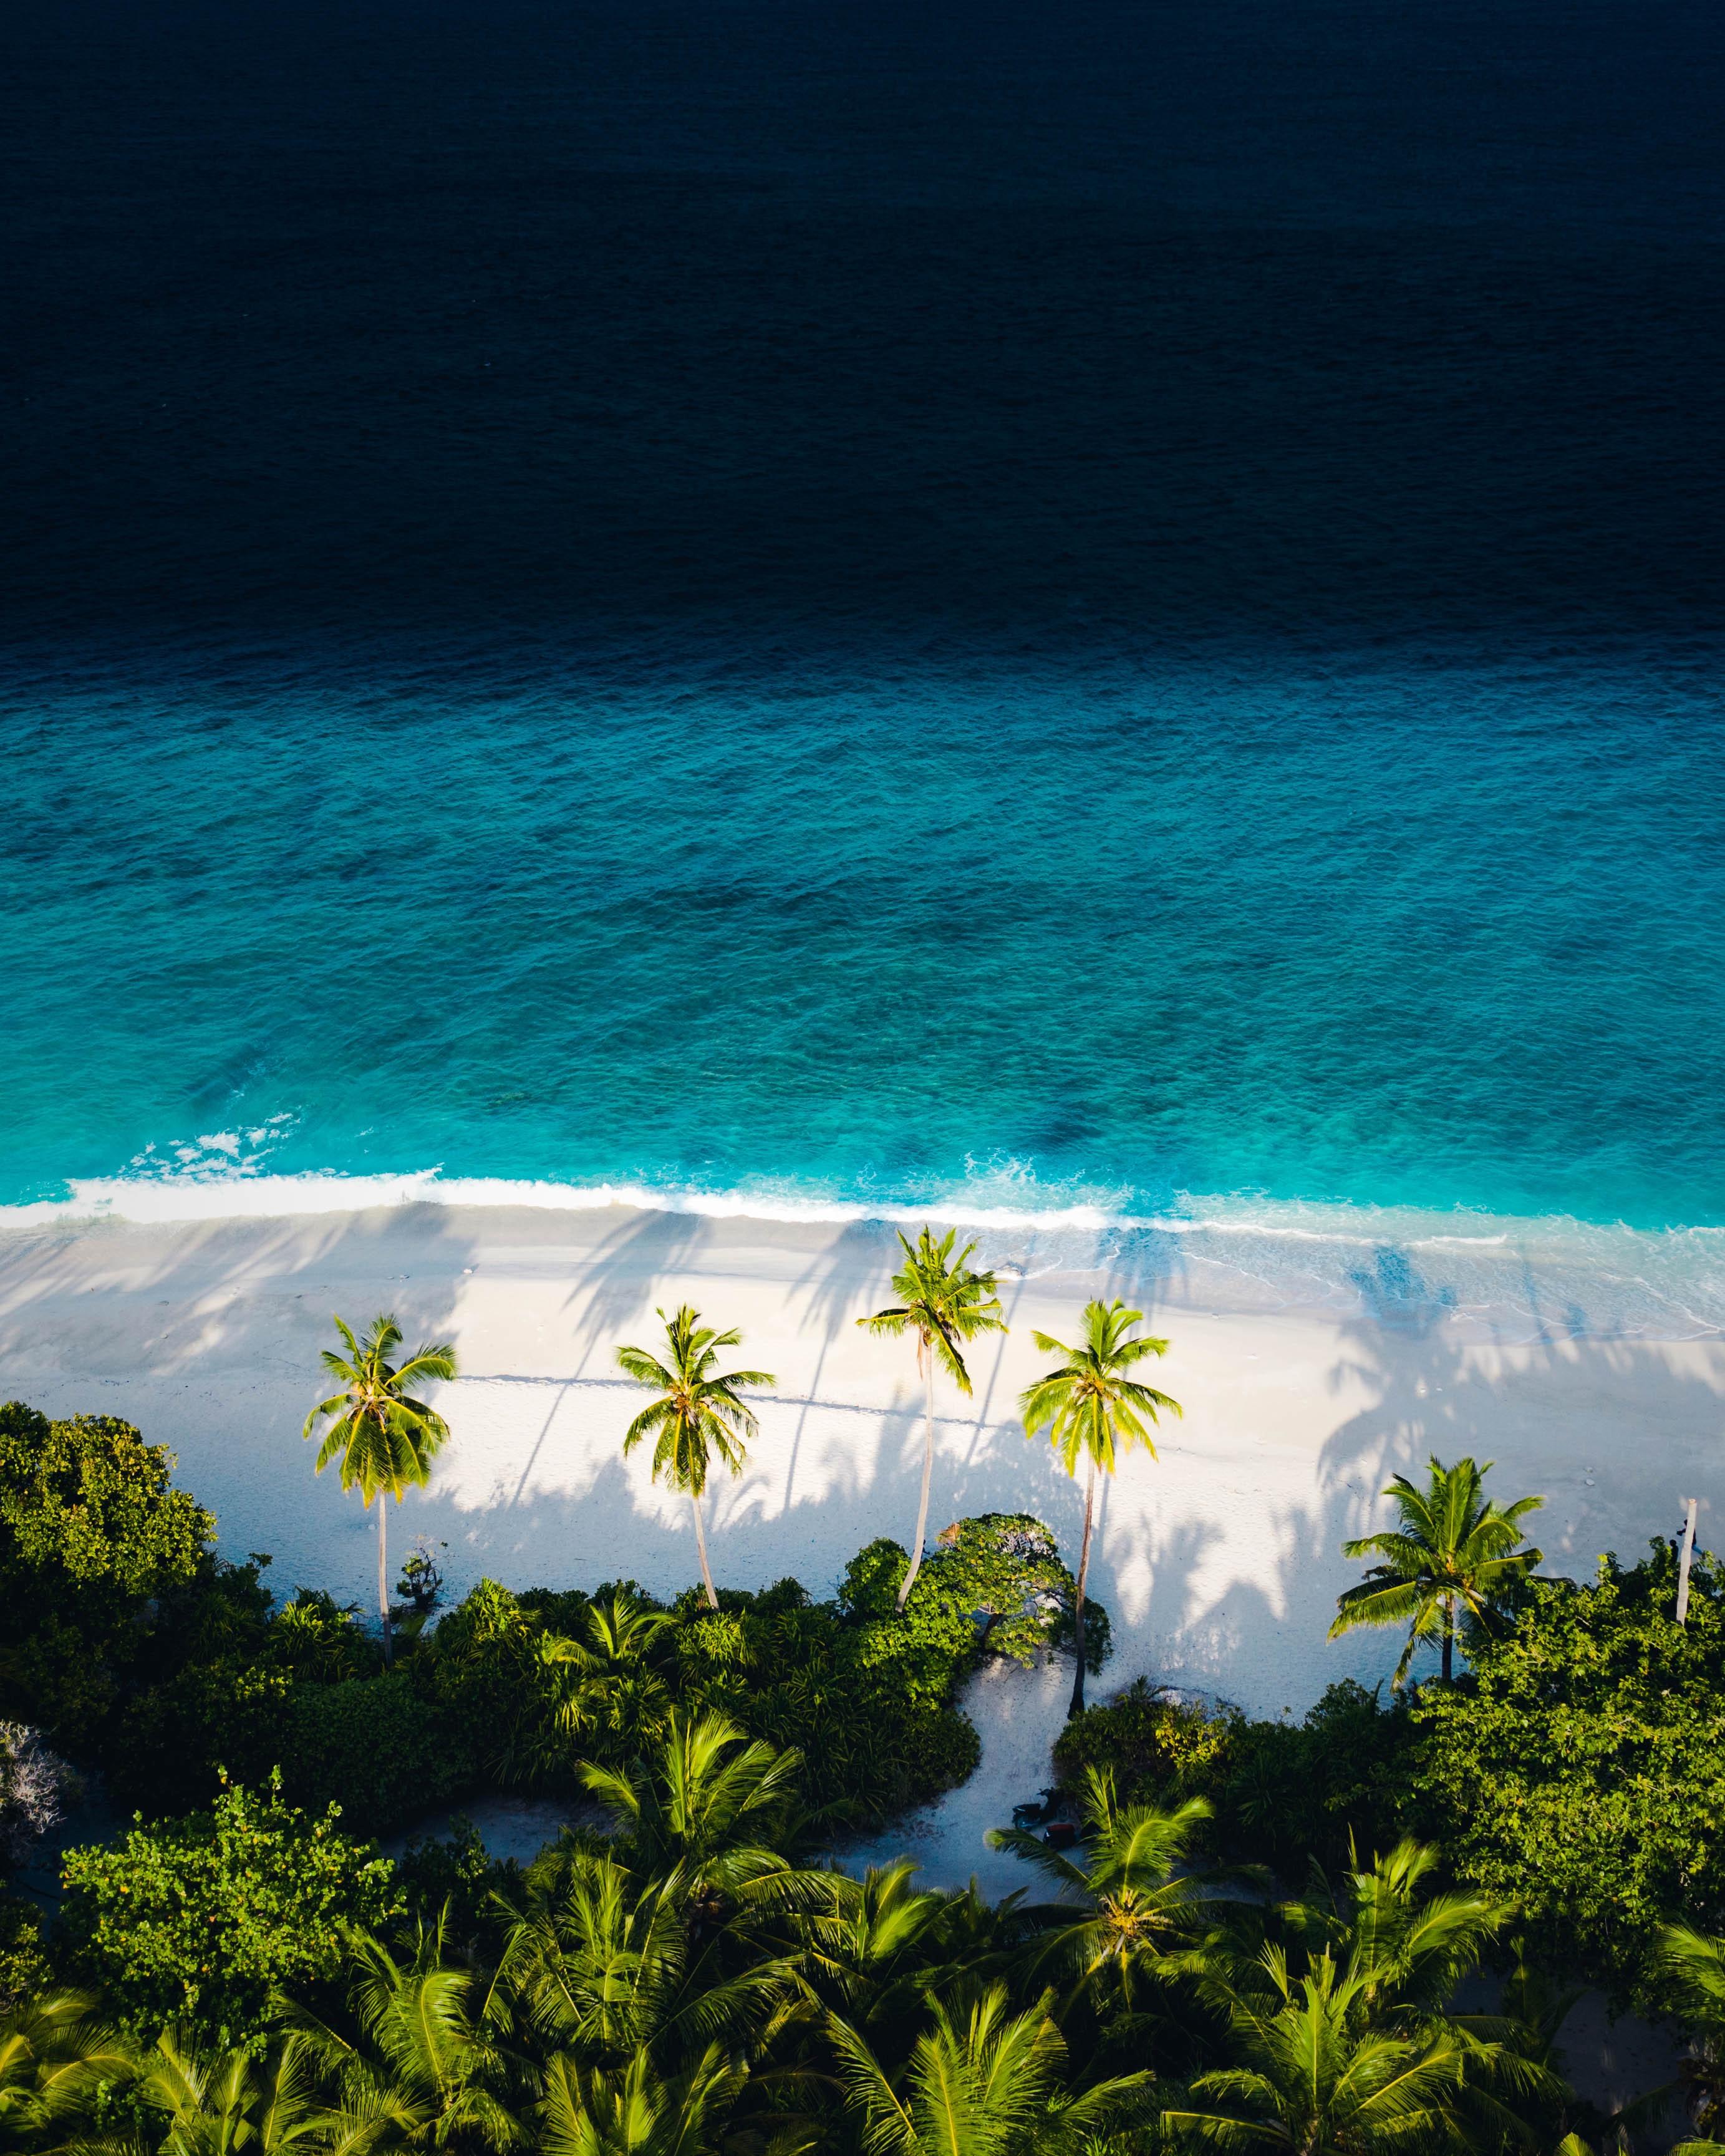 146554壁紙のダウンロード自然, ビーチ, 海, 上から見る, パームス-スクリーンセーバーと写真を無料で